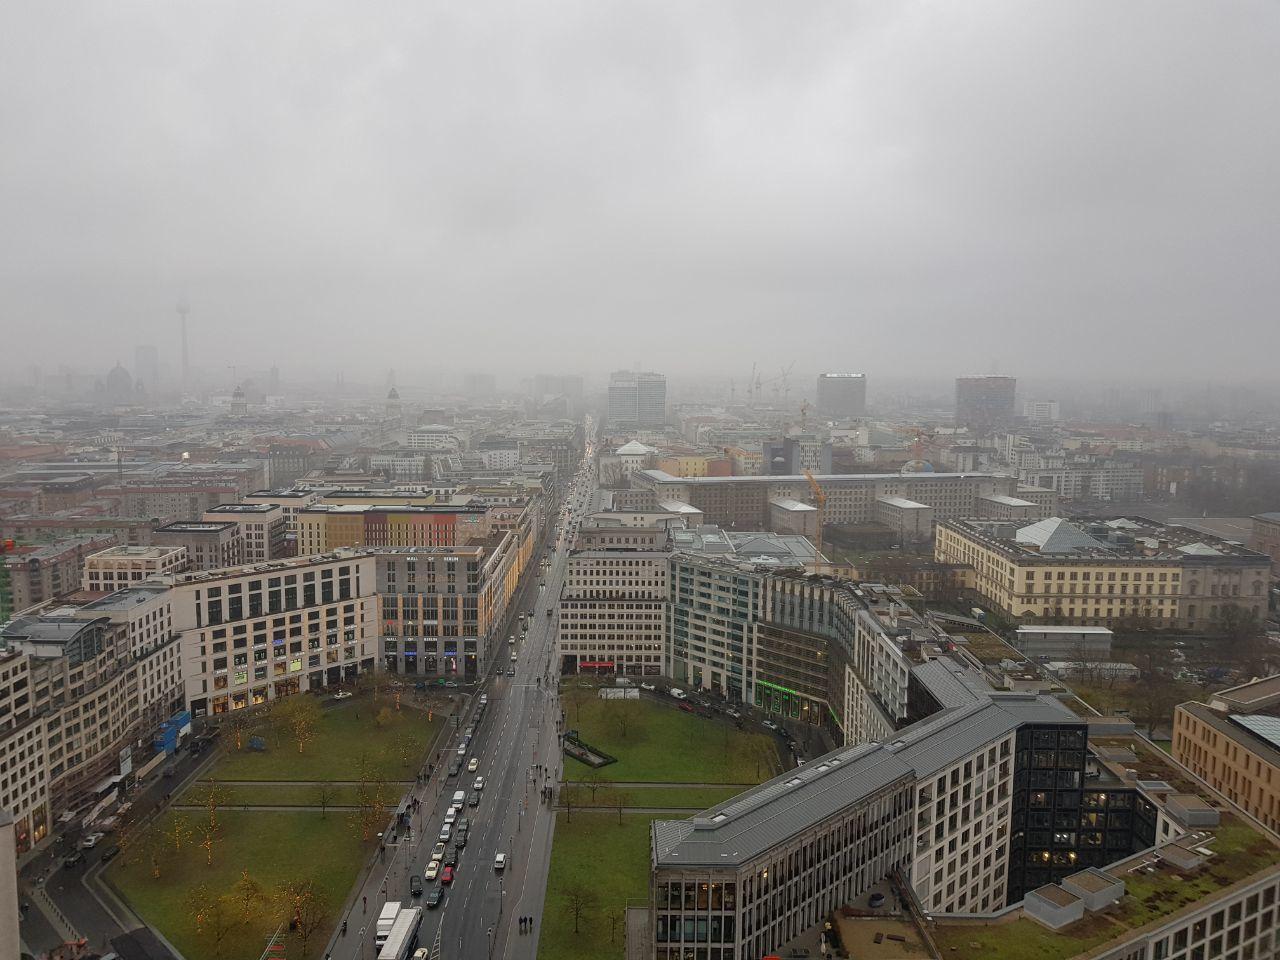 לבה הפועם של ברלין - מבט מלמעלה על פוטסדאמרפלאץ